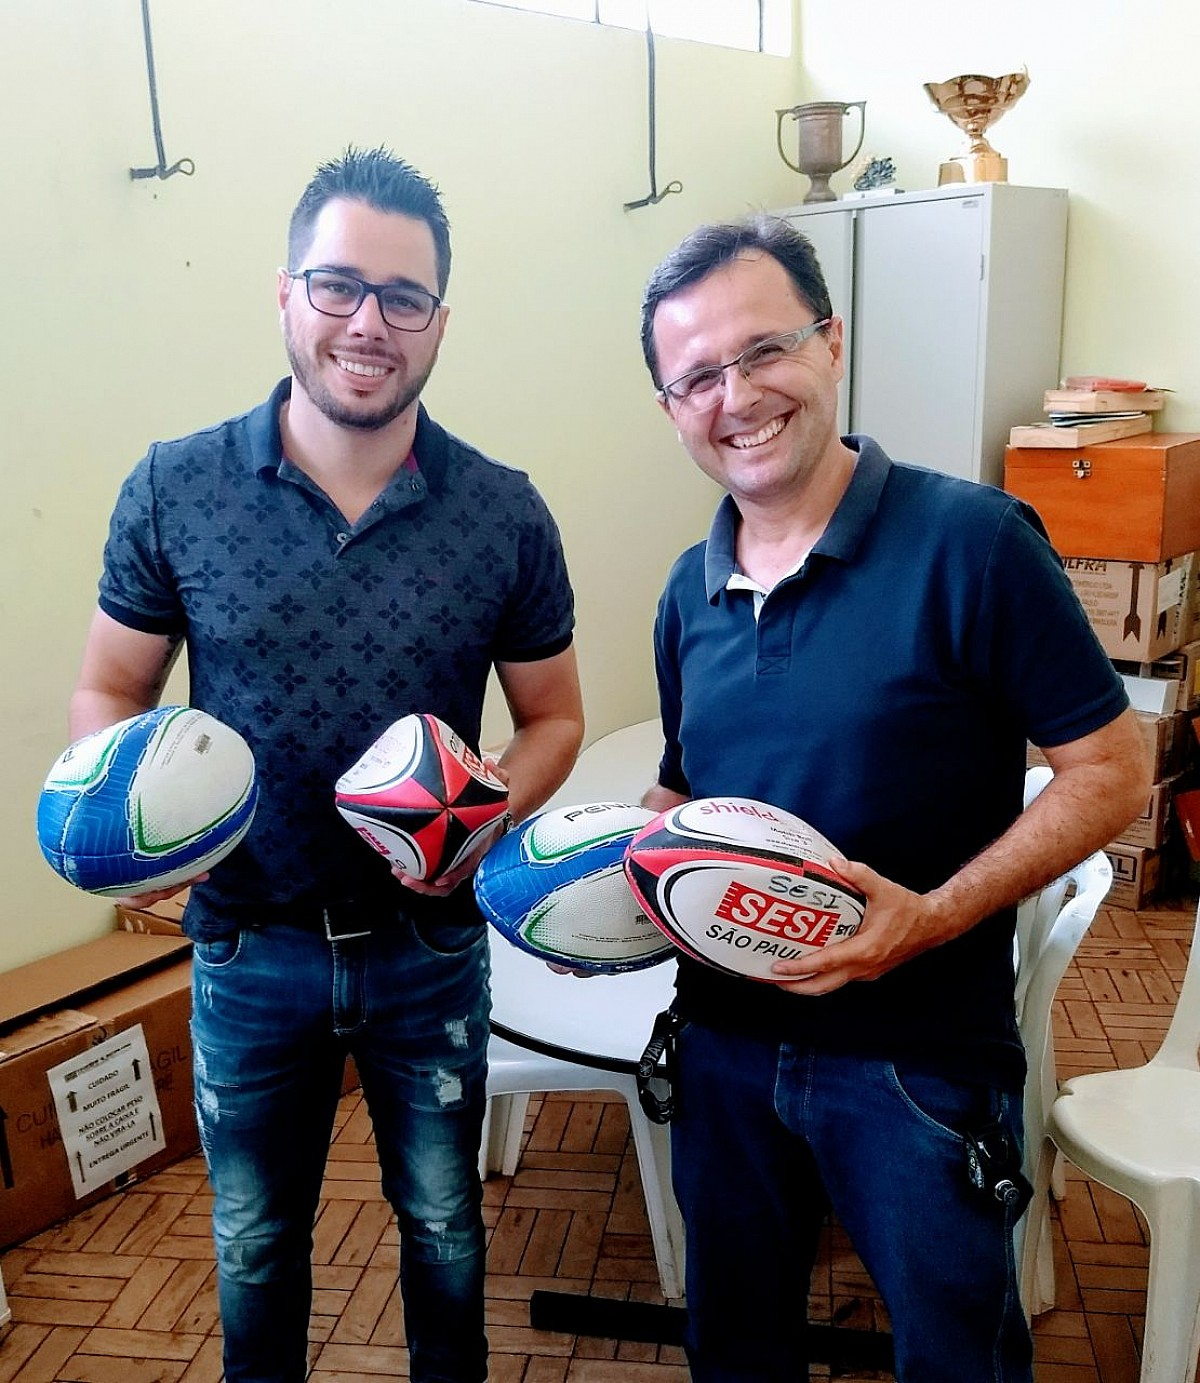 Escola recebe bolas para aulas de futebol americano